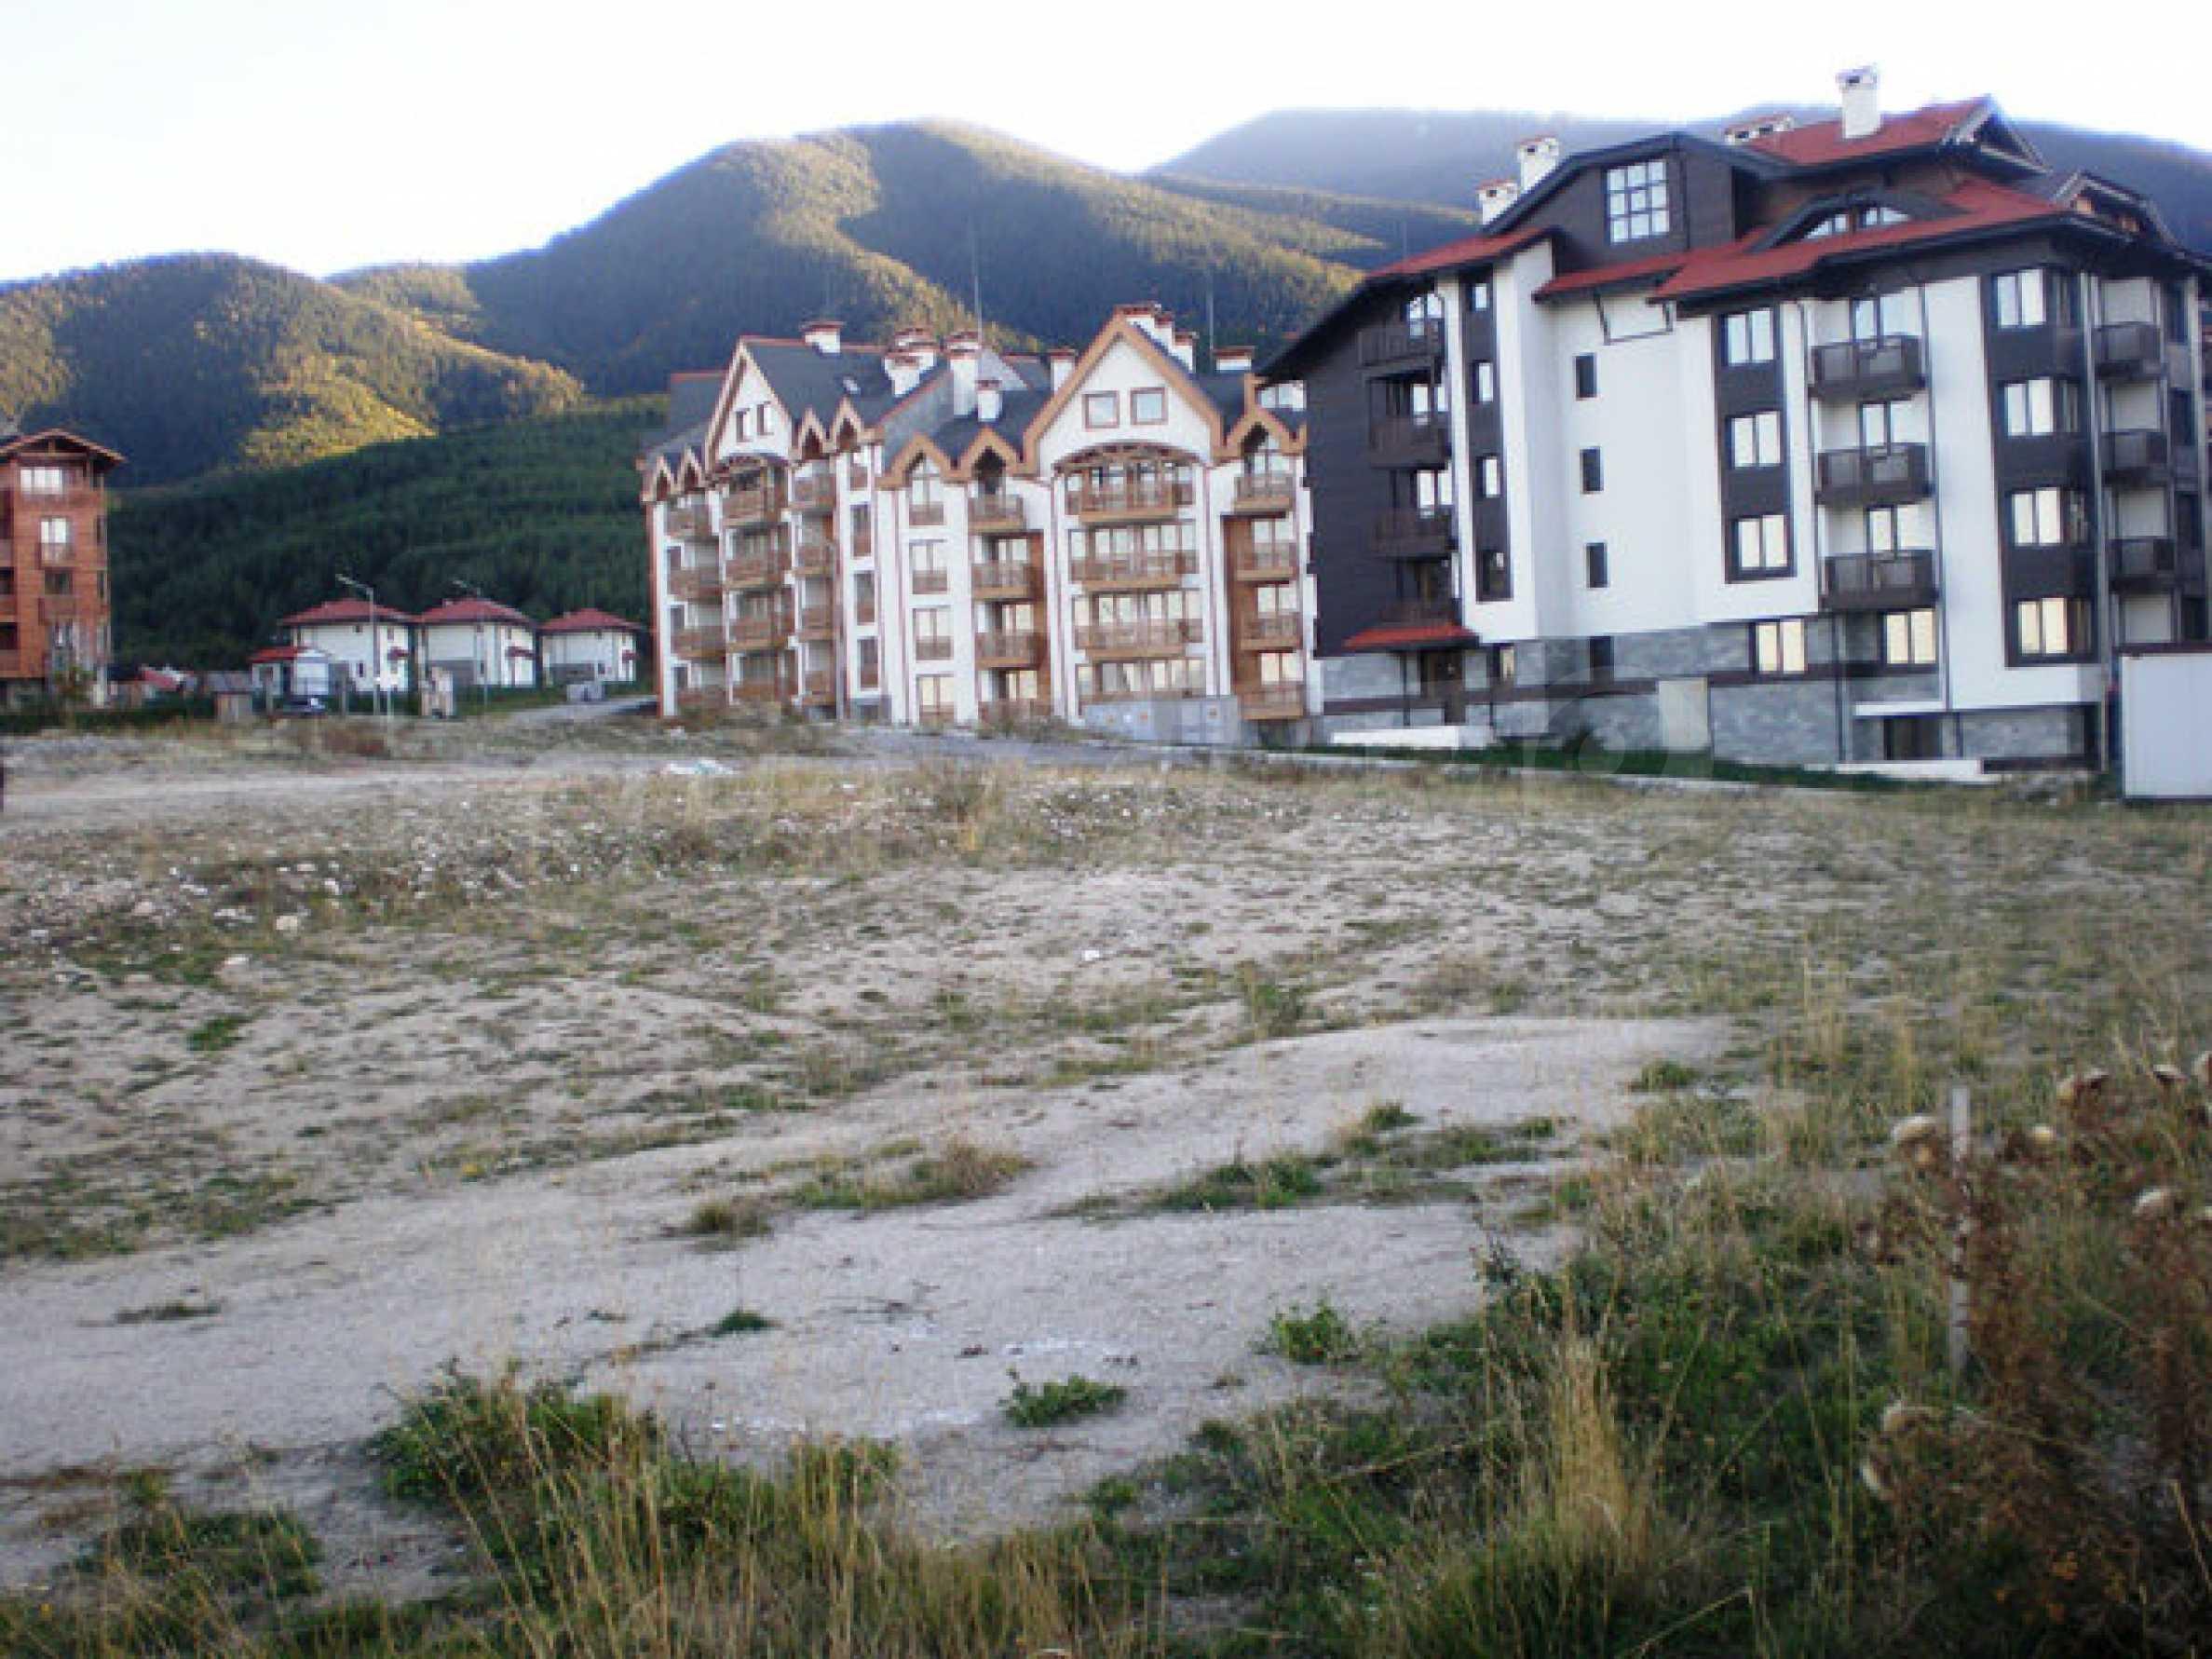 Geregeltes Grundstück mit Investitionsprojekt für den Bau eines Aparthotels in Bansko 17